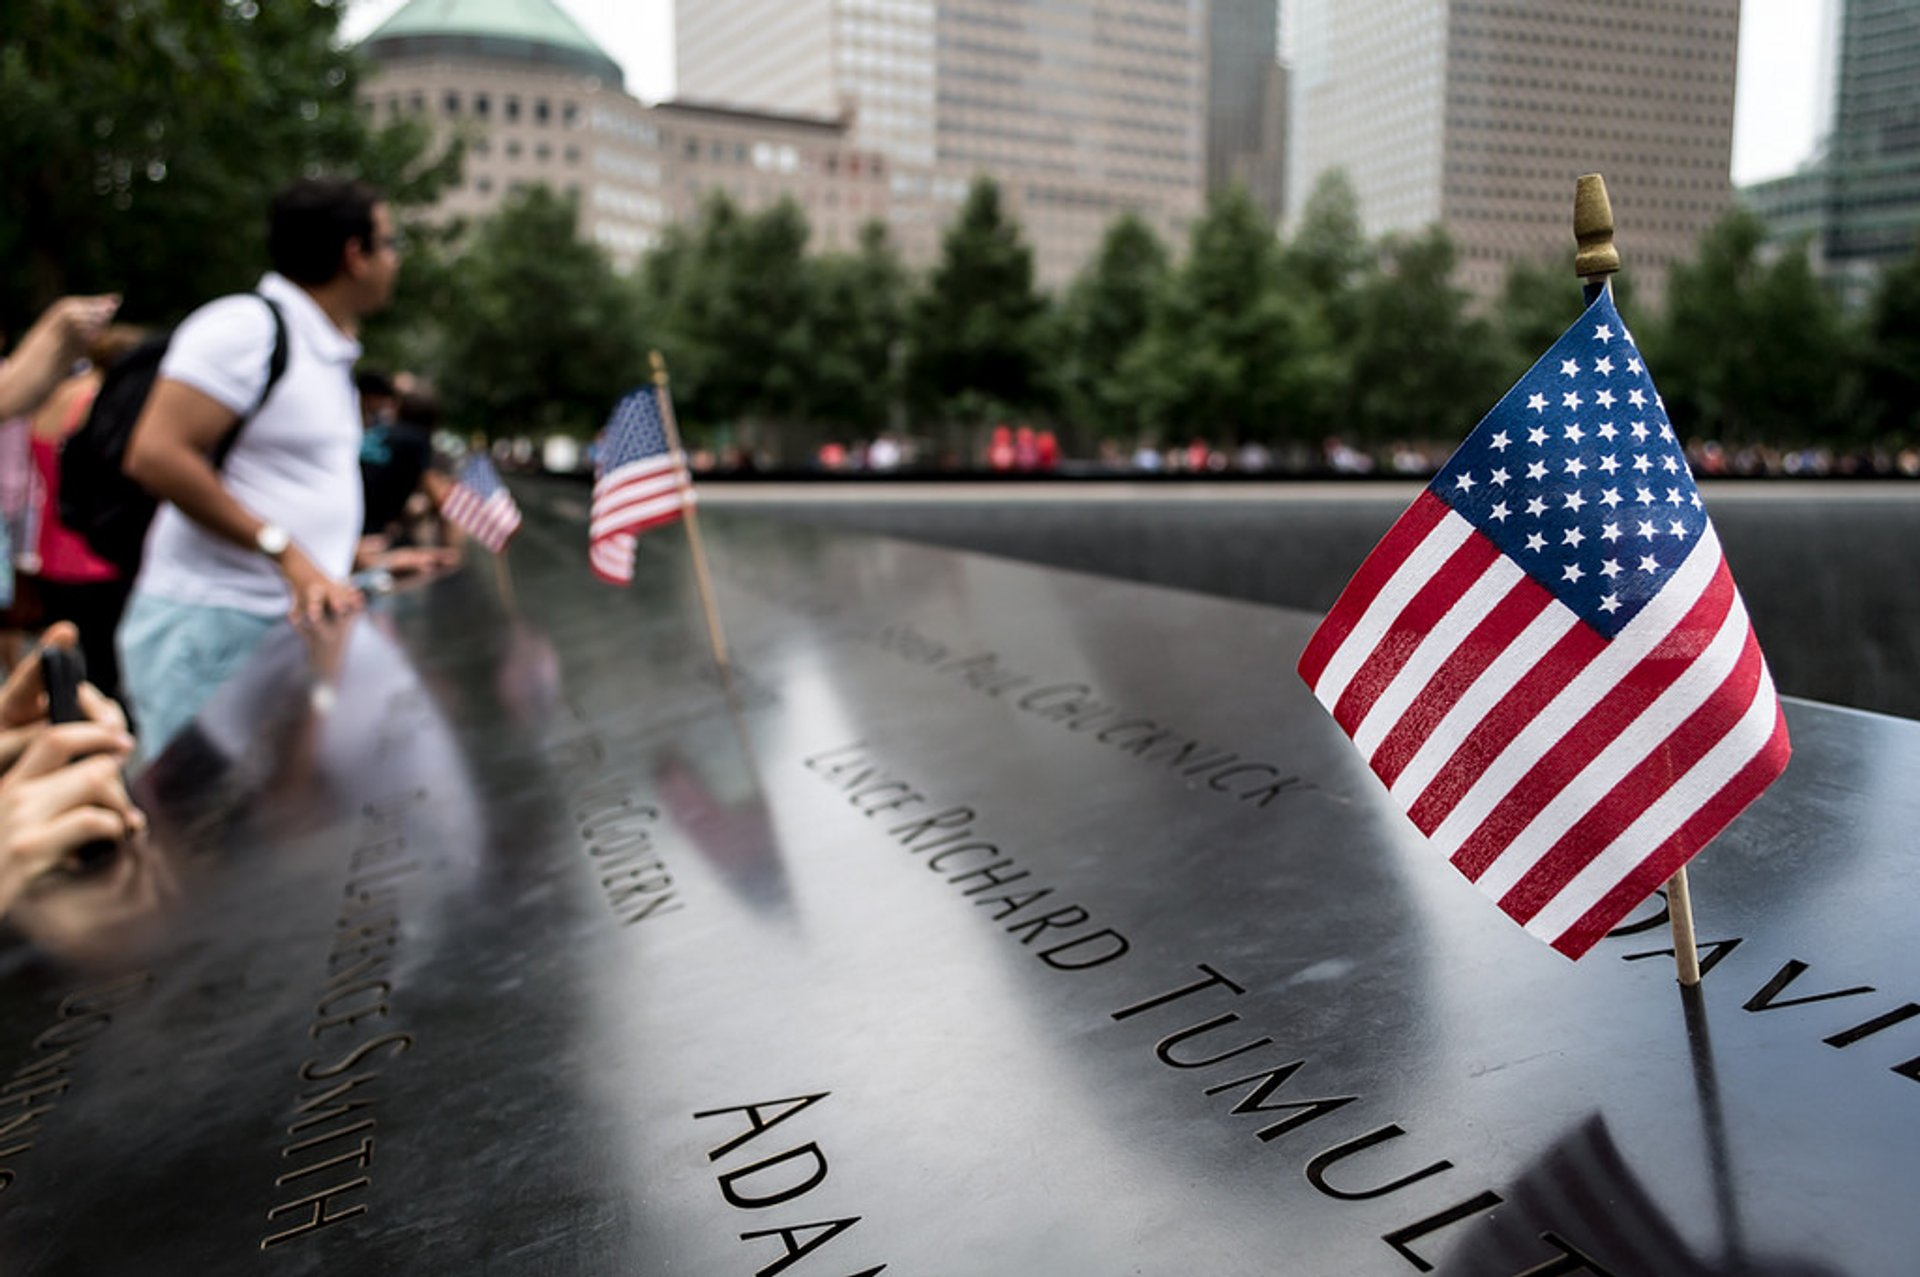 9/11 Memorial & Museum in New York 2020 - Best Time